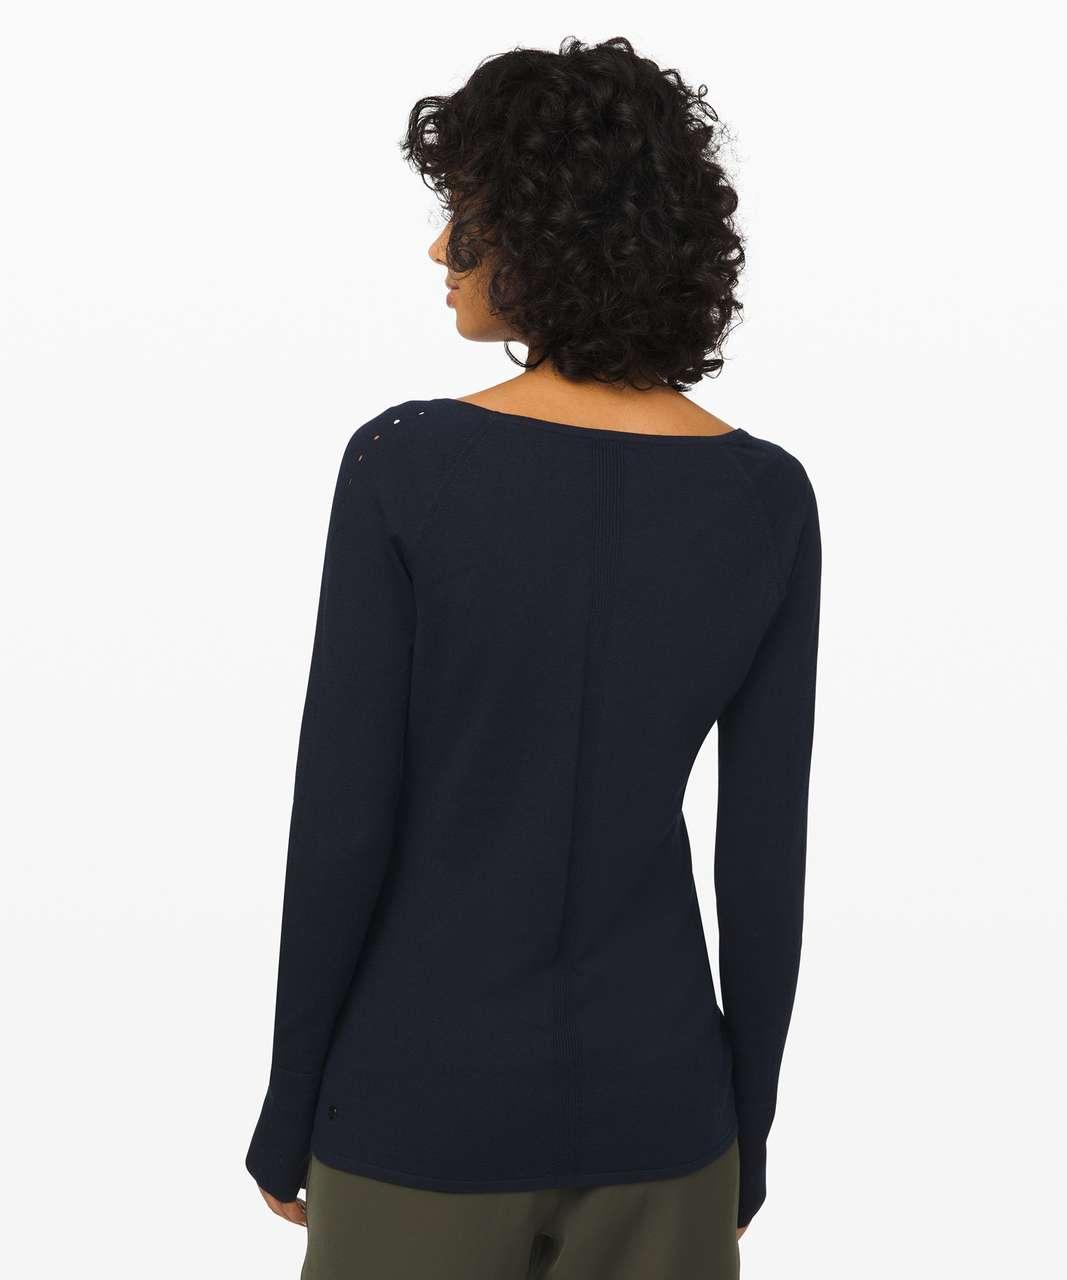 Lululemon Stand Steady V-Neck Sweater - True Navy